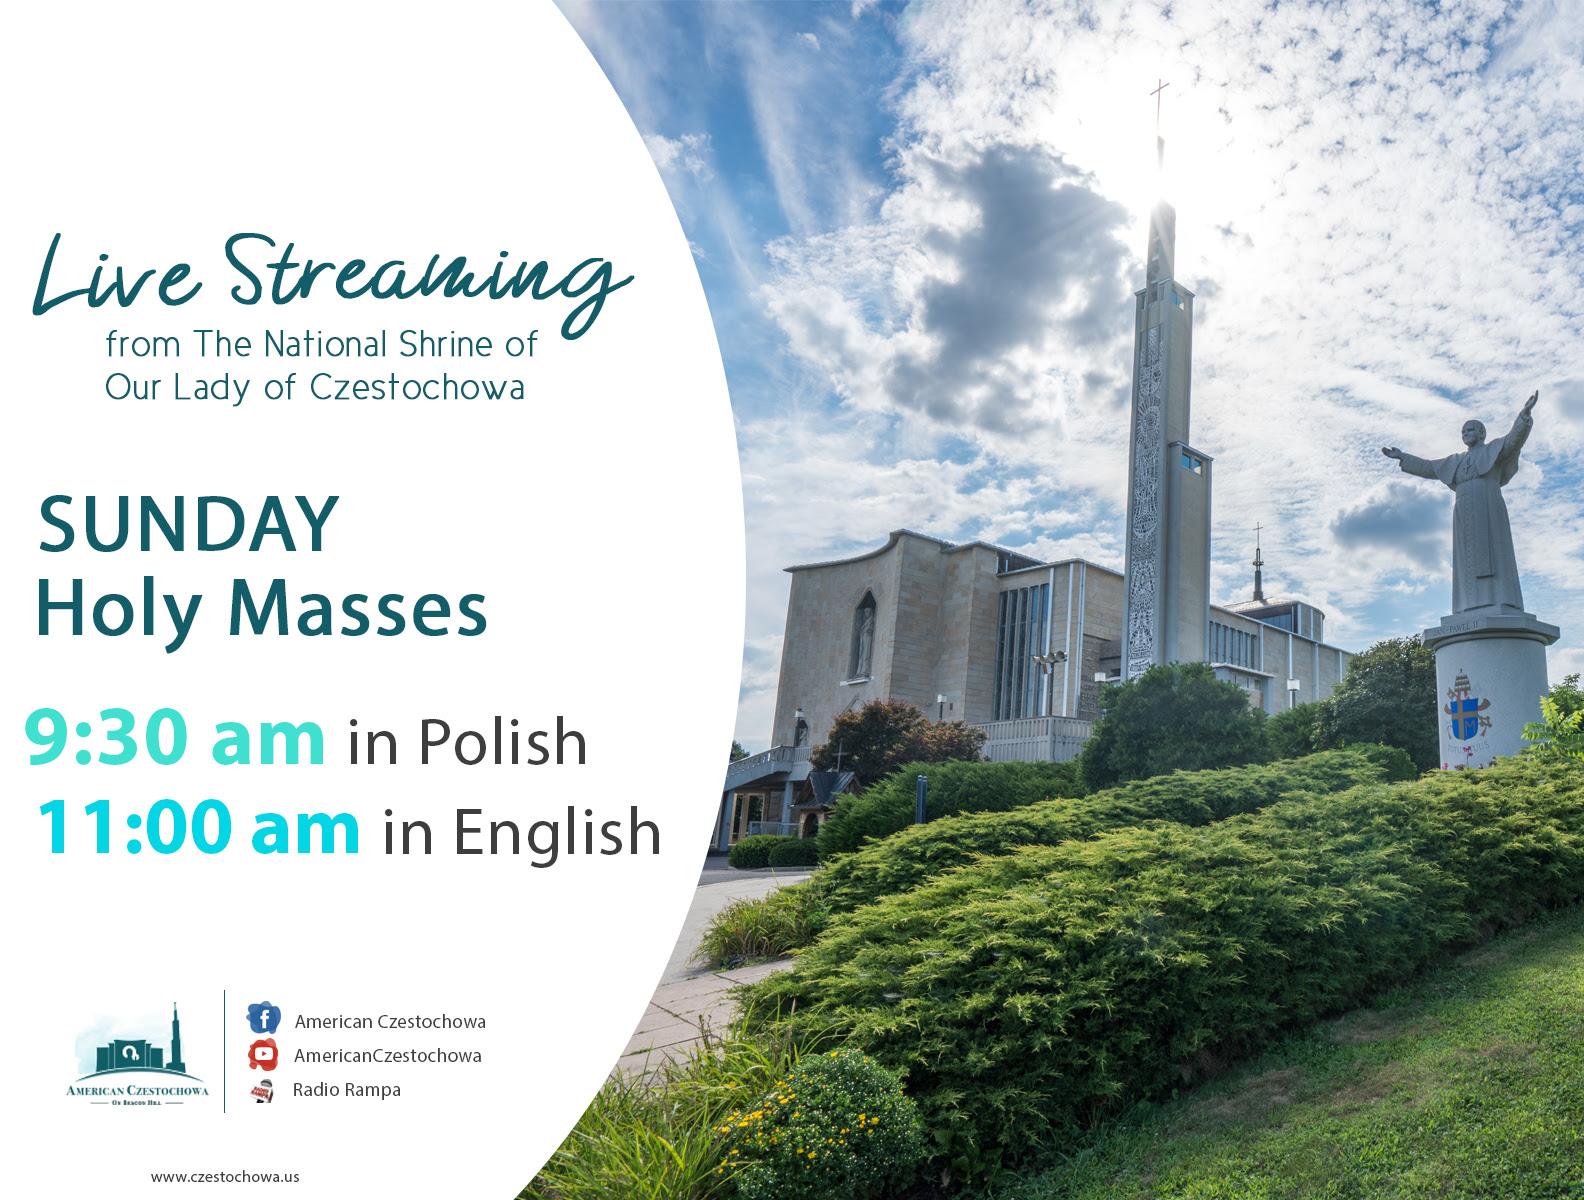 Msze Święte w USA po polsku. Transmisje z Amerykańskiej Częstochowy